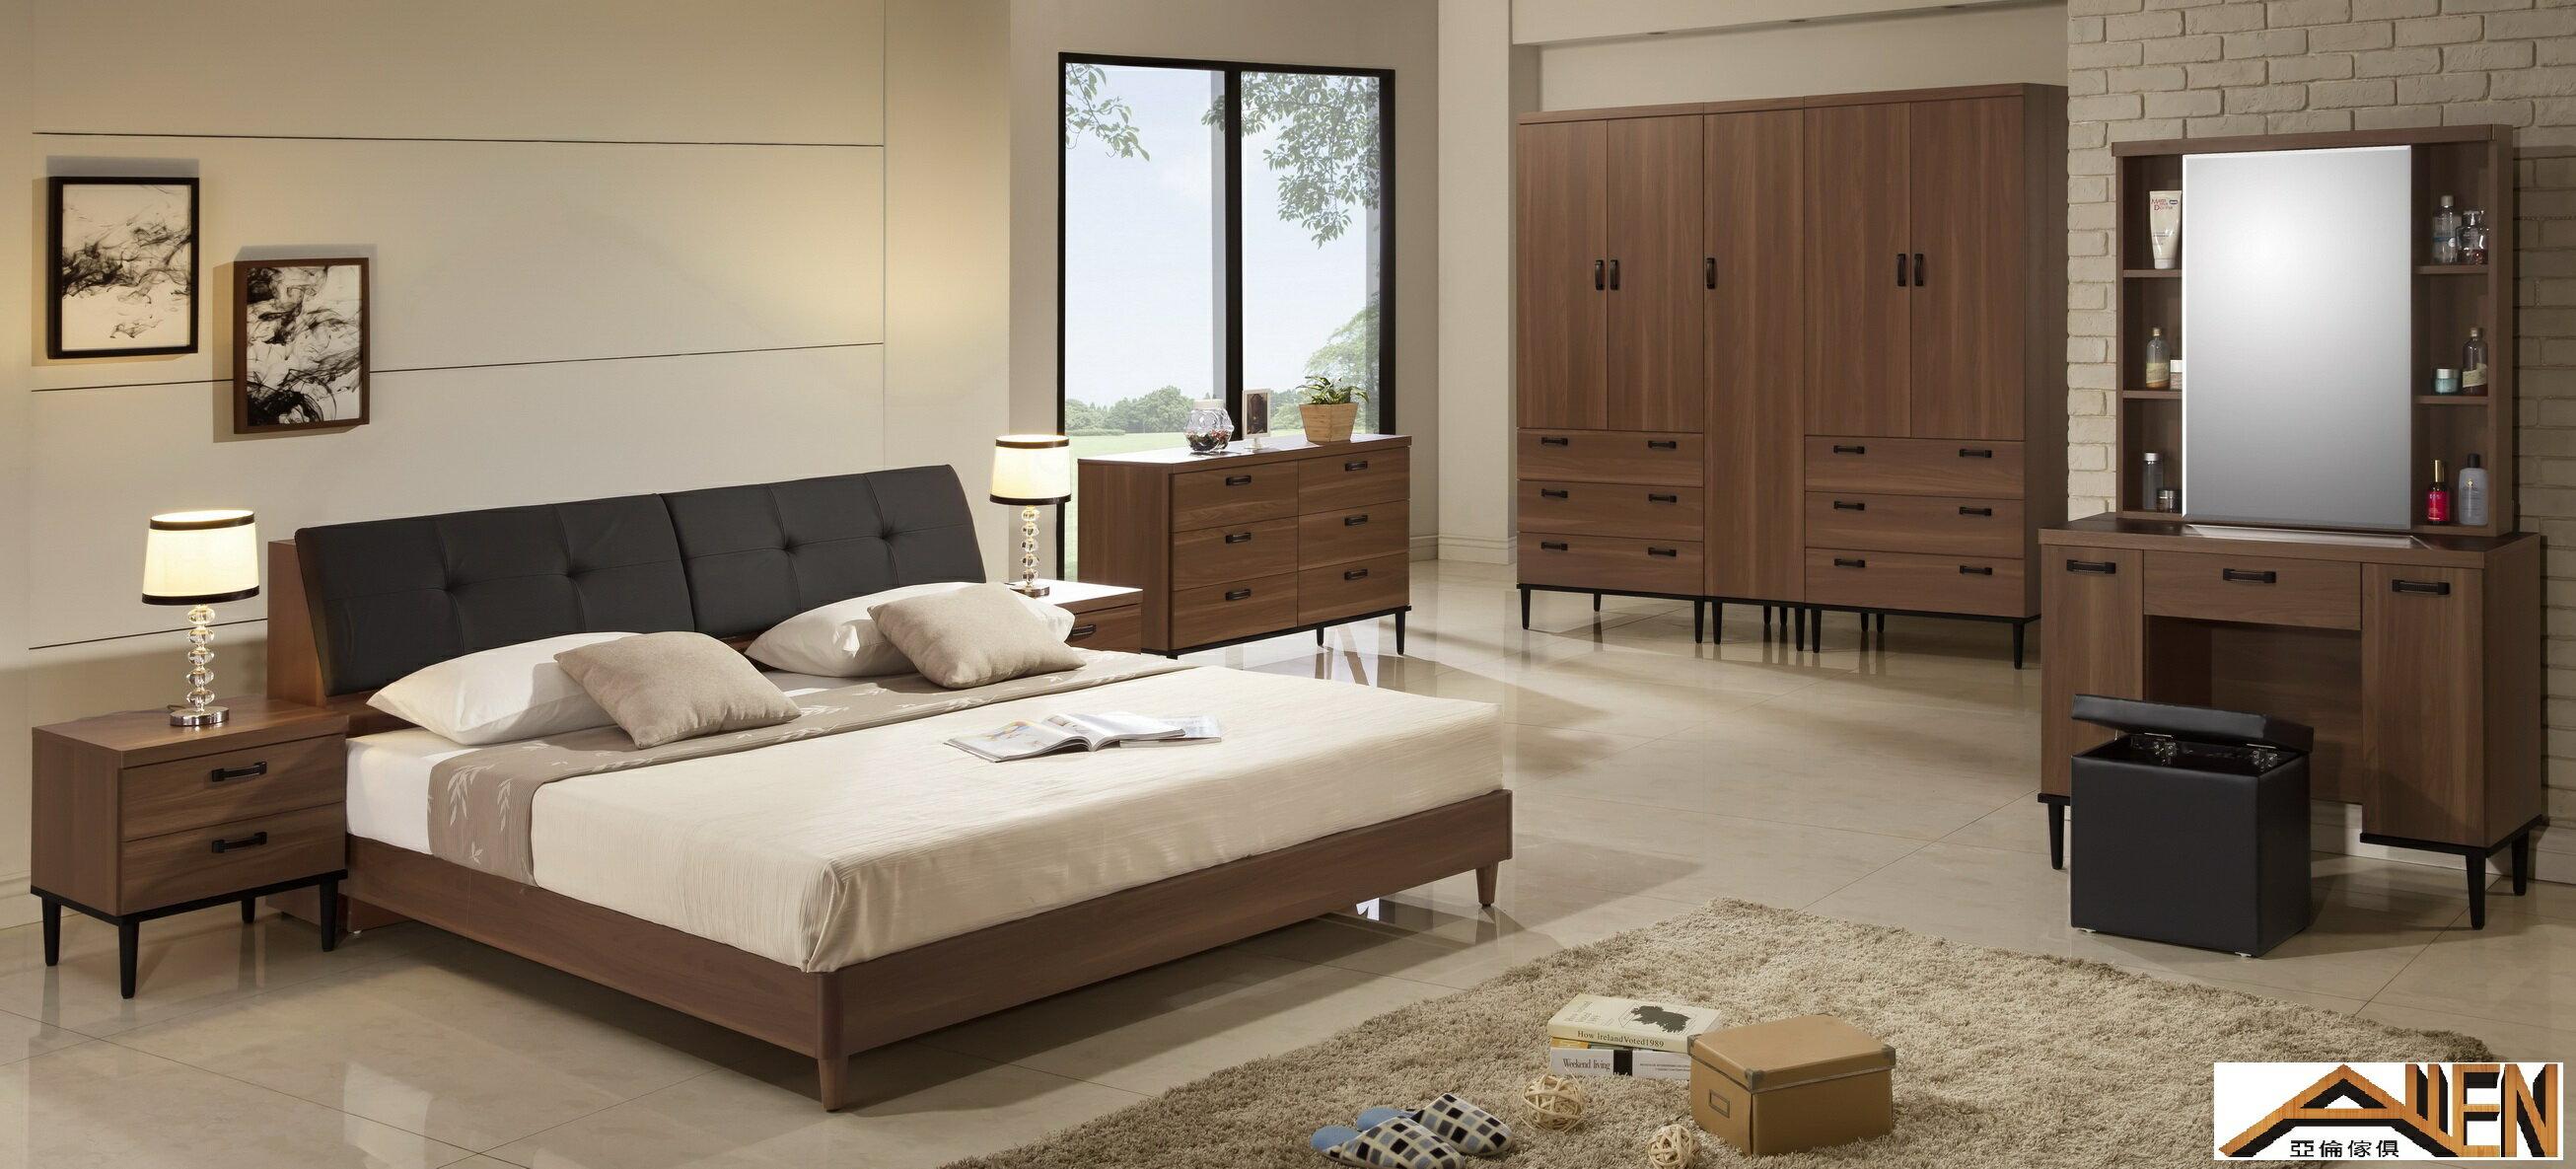 亞倫傢俱*亞當斯安全R角6尺雙人床架 (床頭箱款) 3